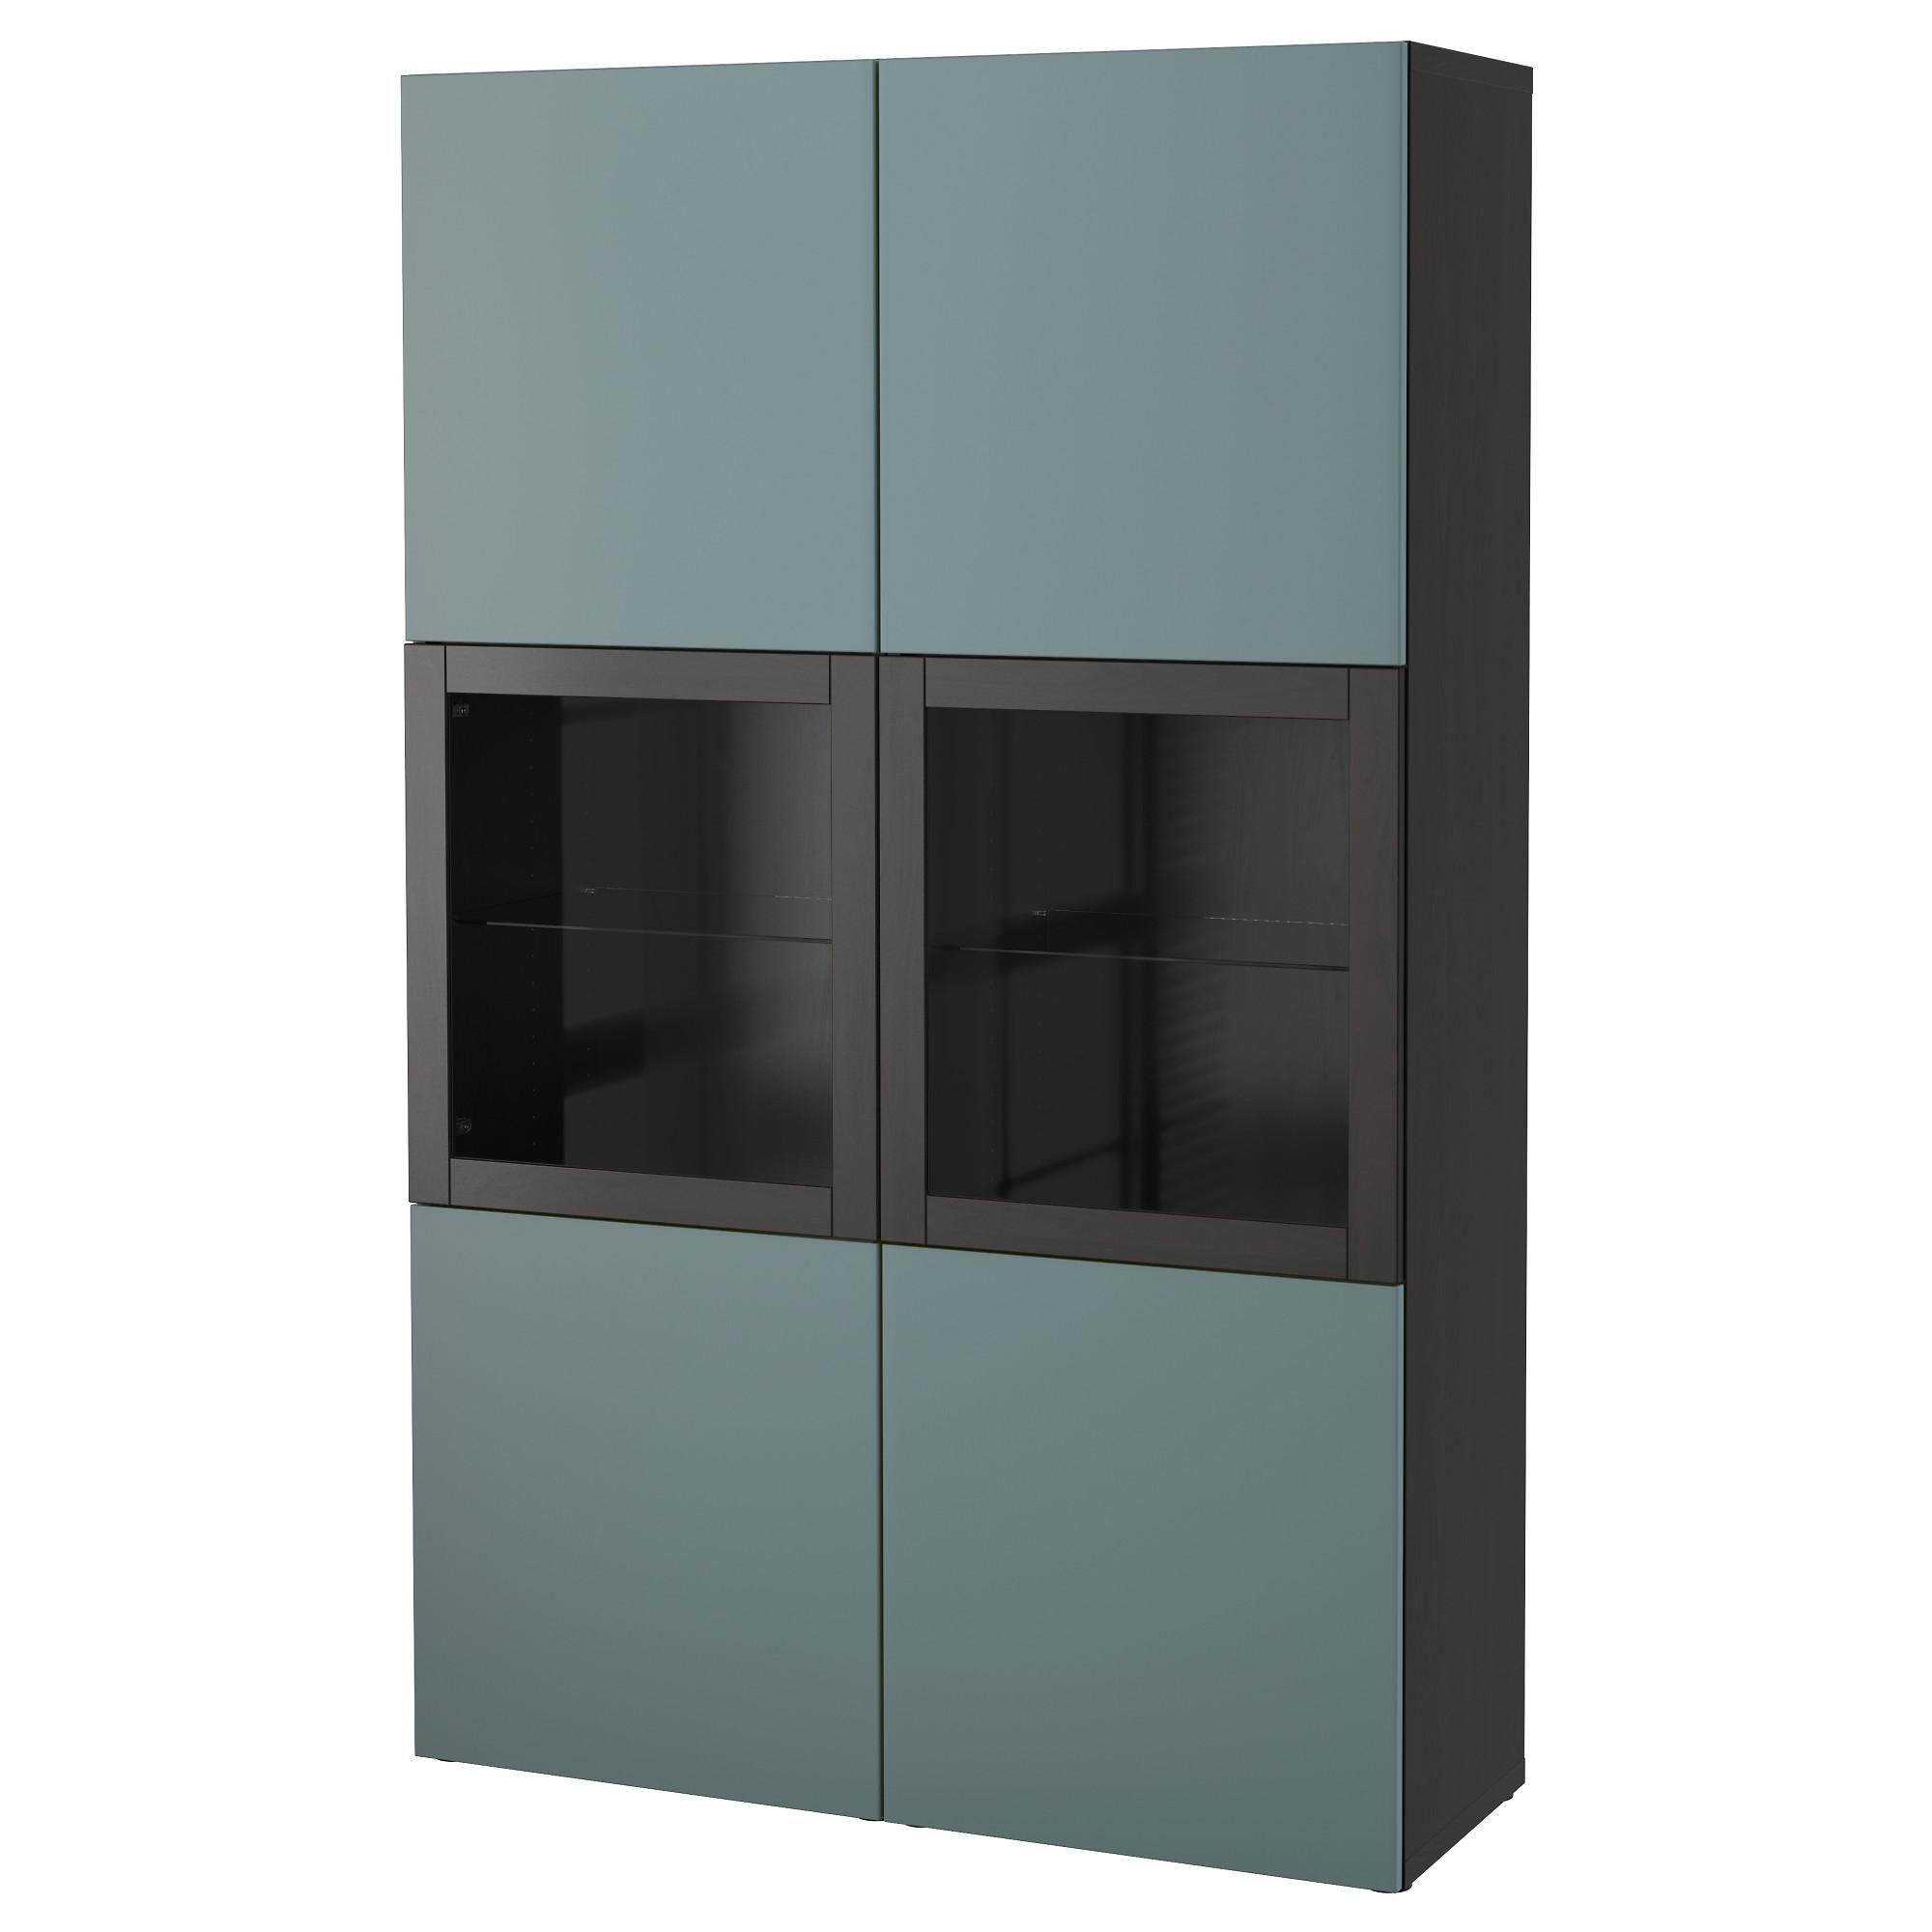 Комбинация для хранения со стеклянными дверцами БЕСТО артикуль № 492.477.26 в наличии. Интернет магазин IKEA Беларусь. Быстрая доставка и установка.